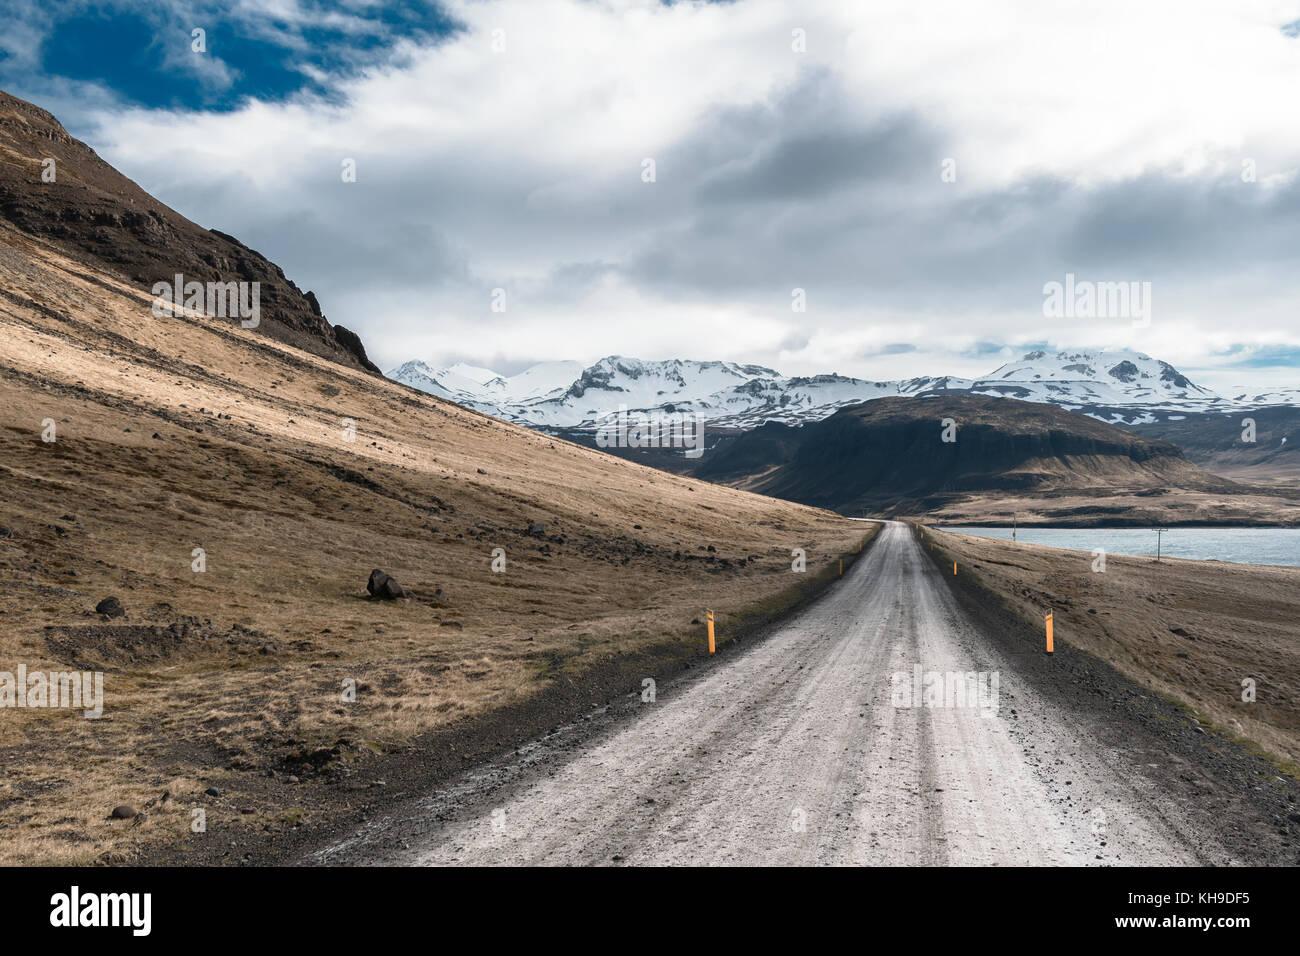 Mirando hacia abajo por una carretera de tierra en Islandia Imagen De Stock